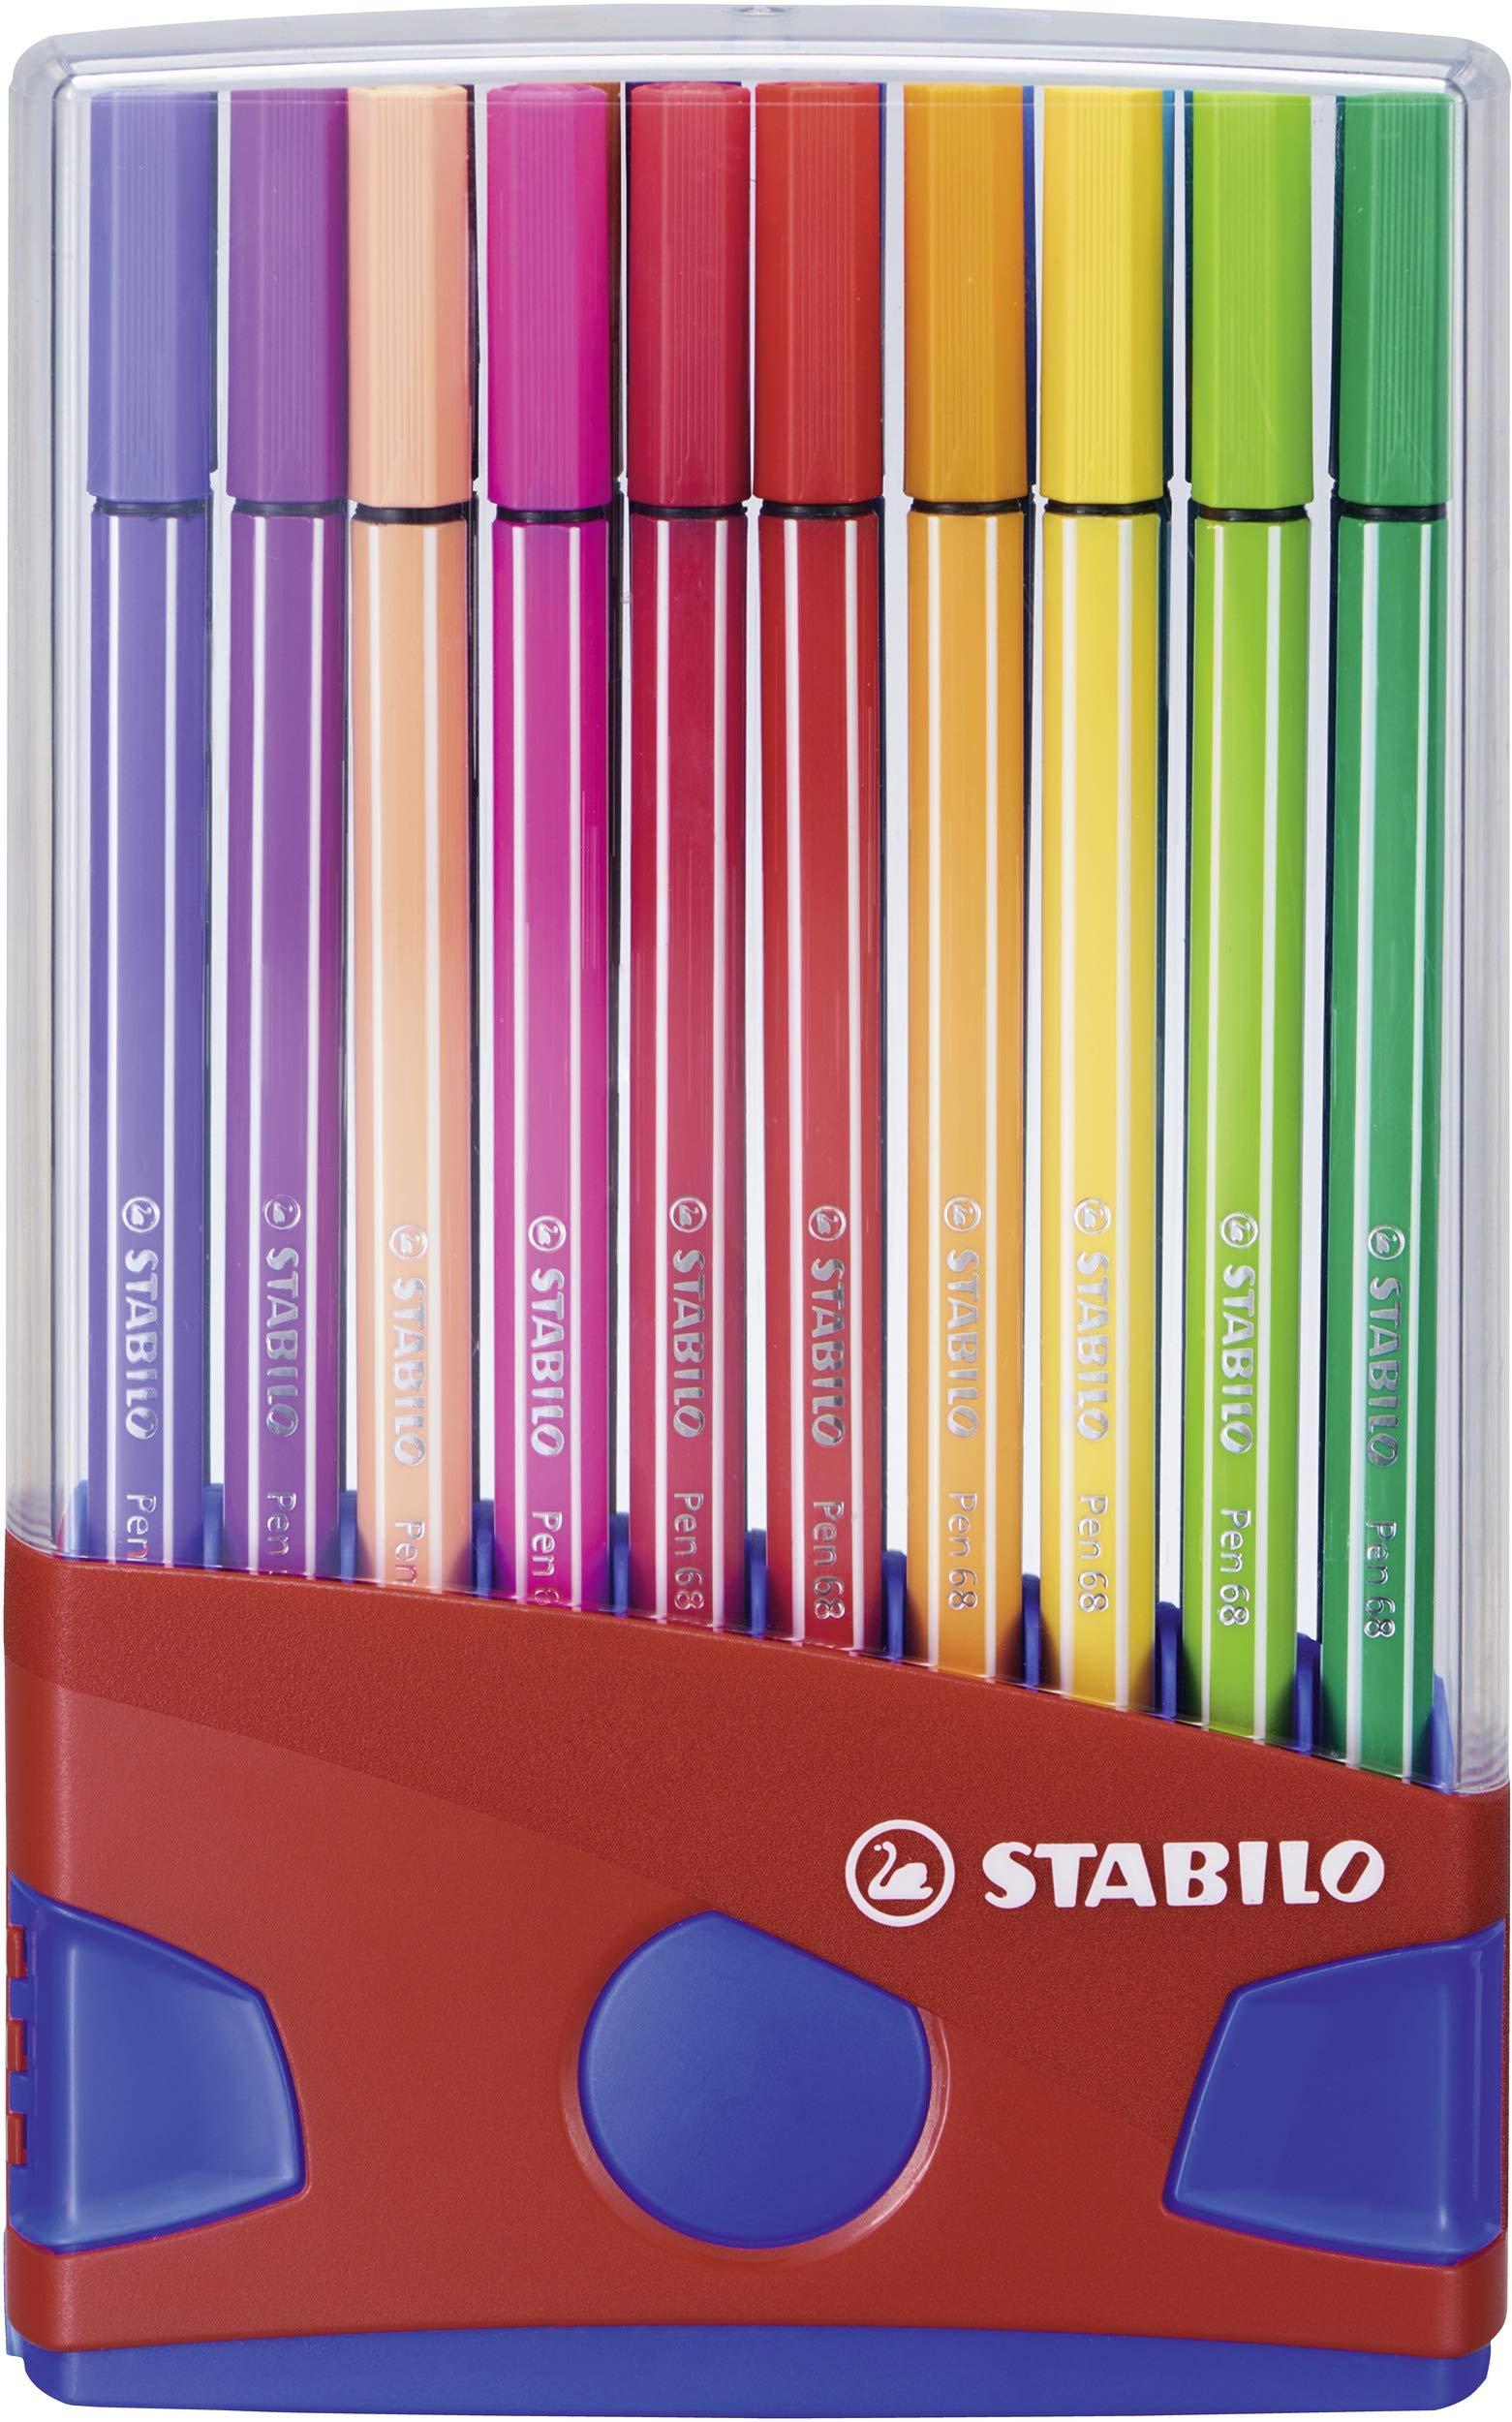 STABILO Pen 68 Fibre Tip Pens Desk Set - Assorted Colours, Pack of 20